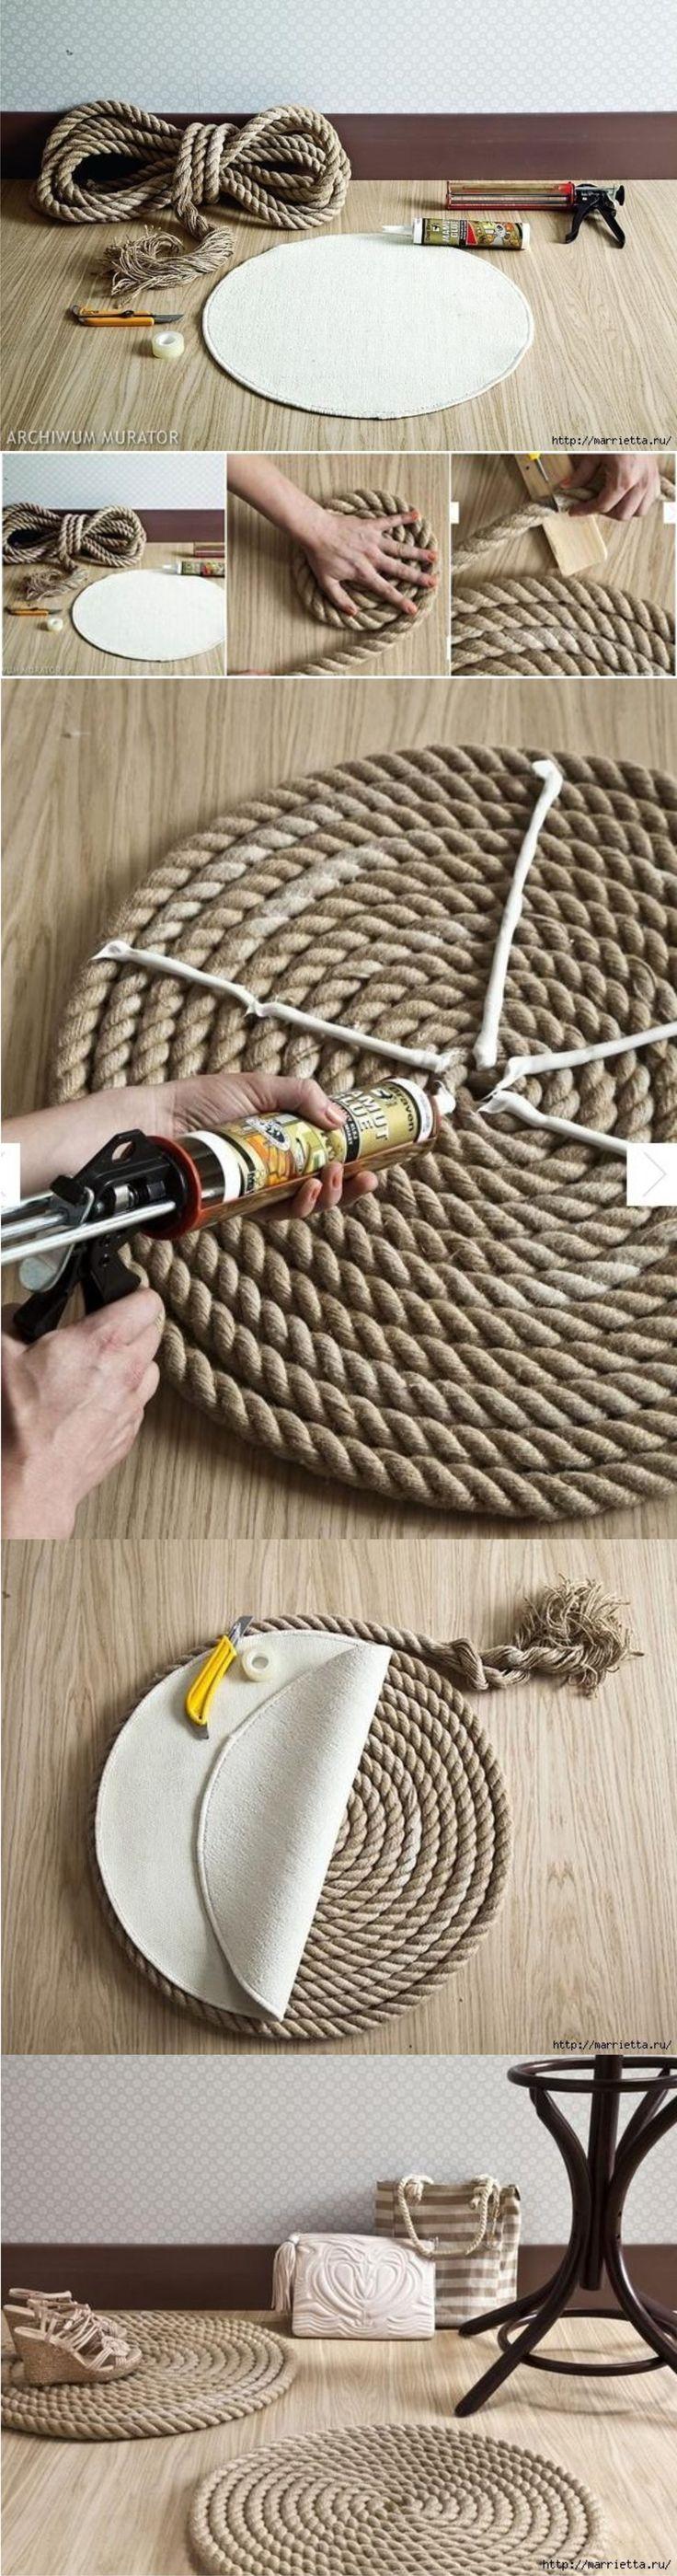 alfombra cuerda DIY muy ingenioso 2